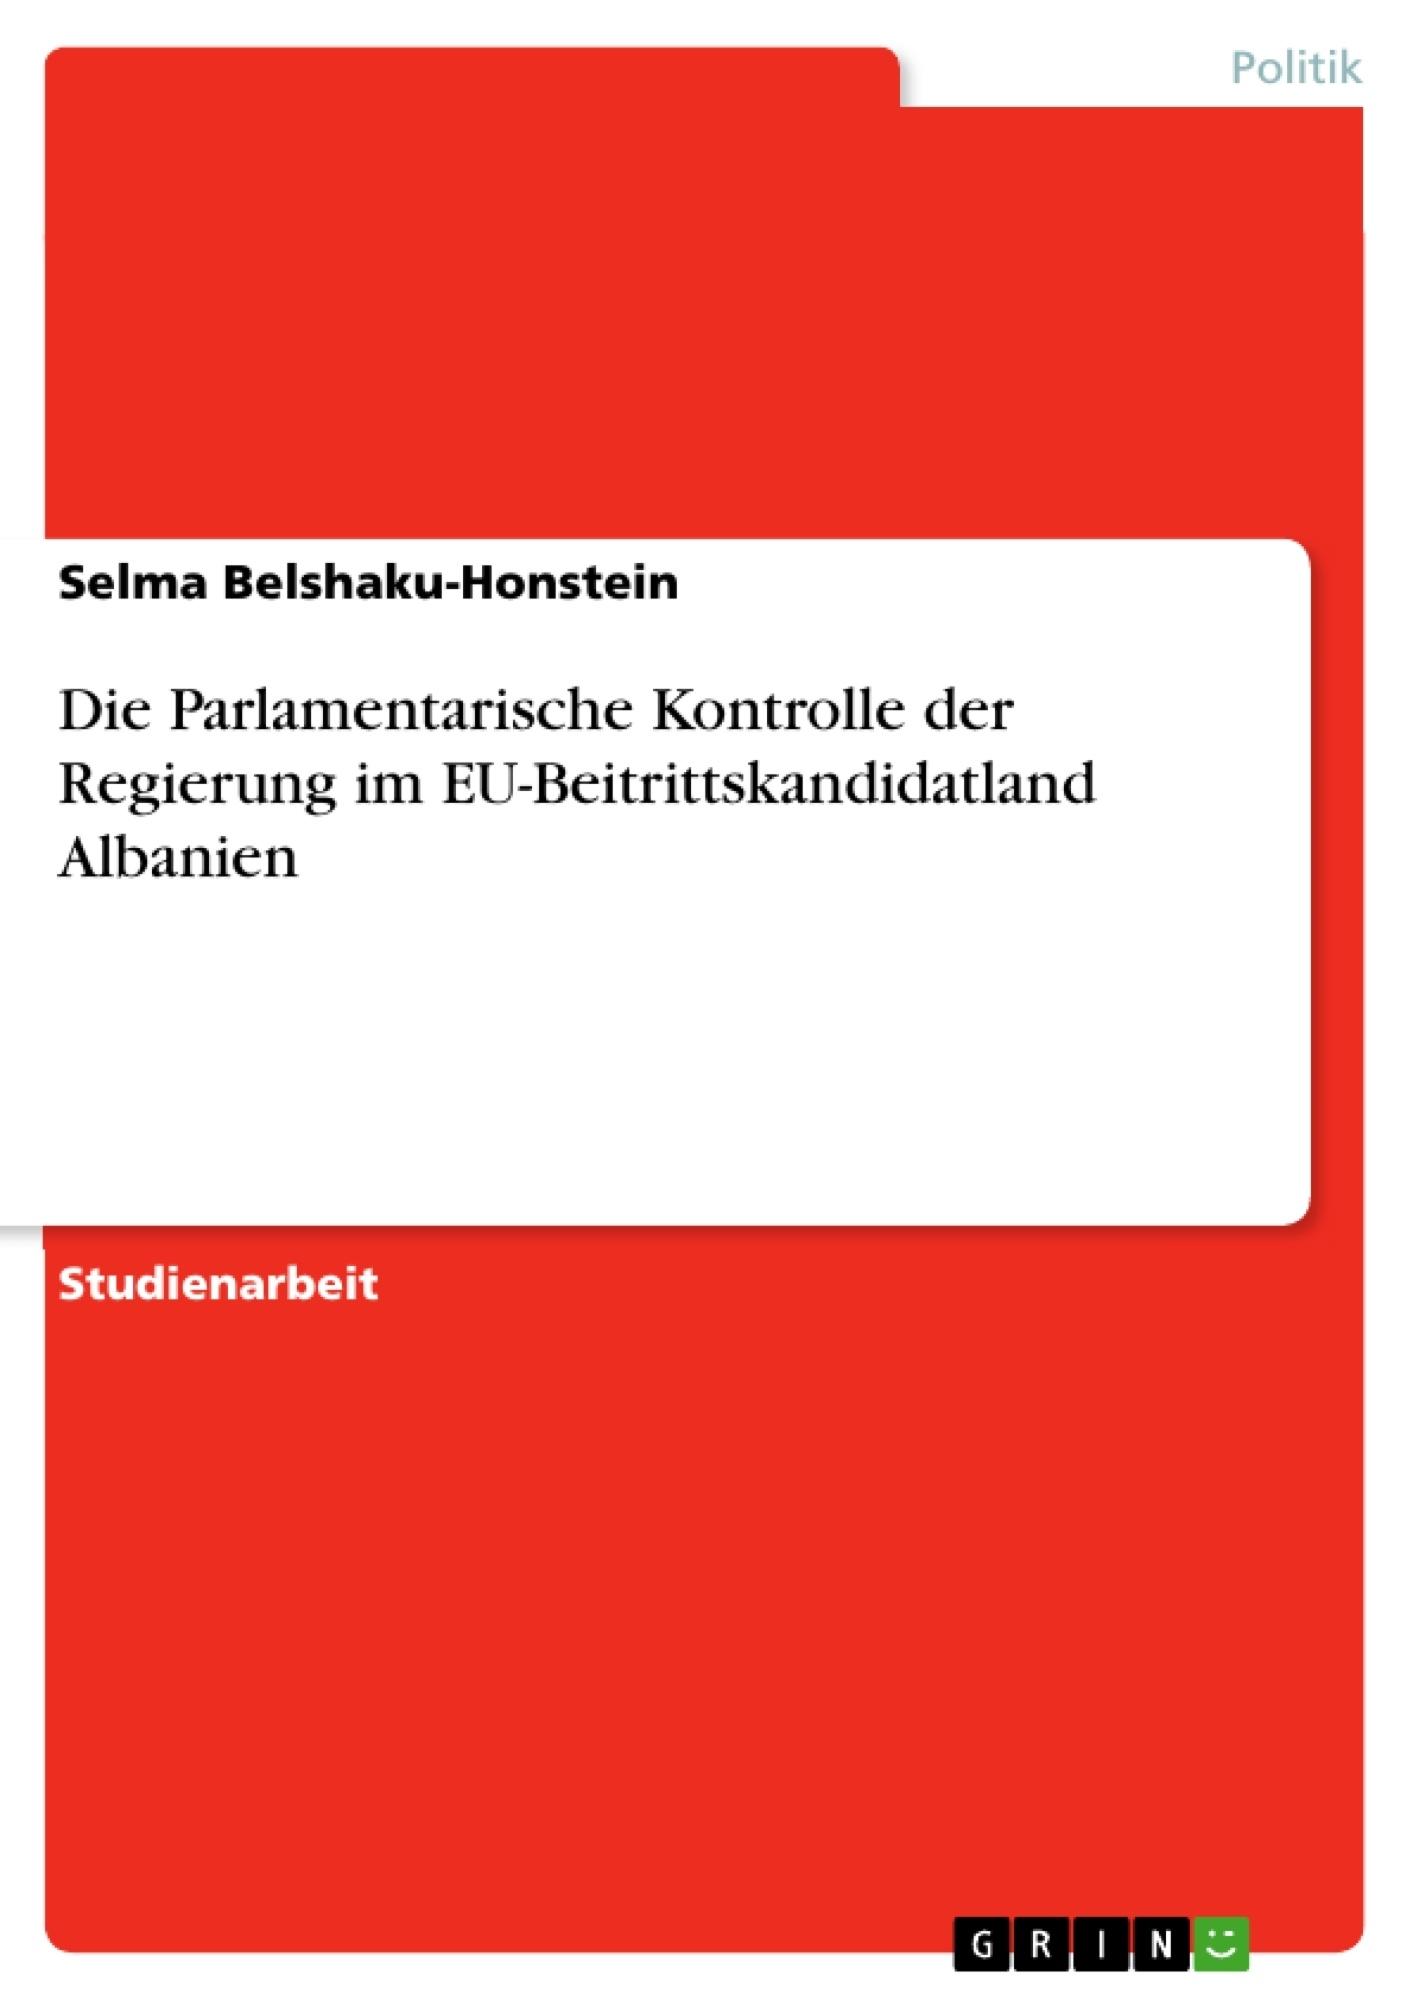 Titel: Die Parlamentarische Kontrolle der Regierung im EU-Beitrittskandidatland Albanien